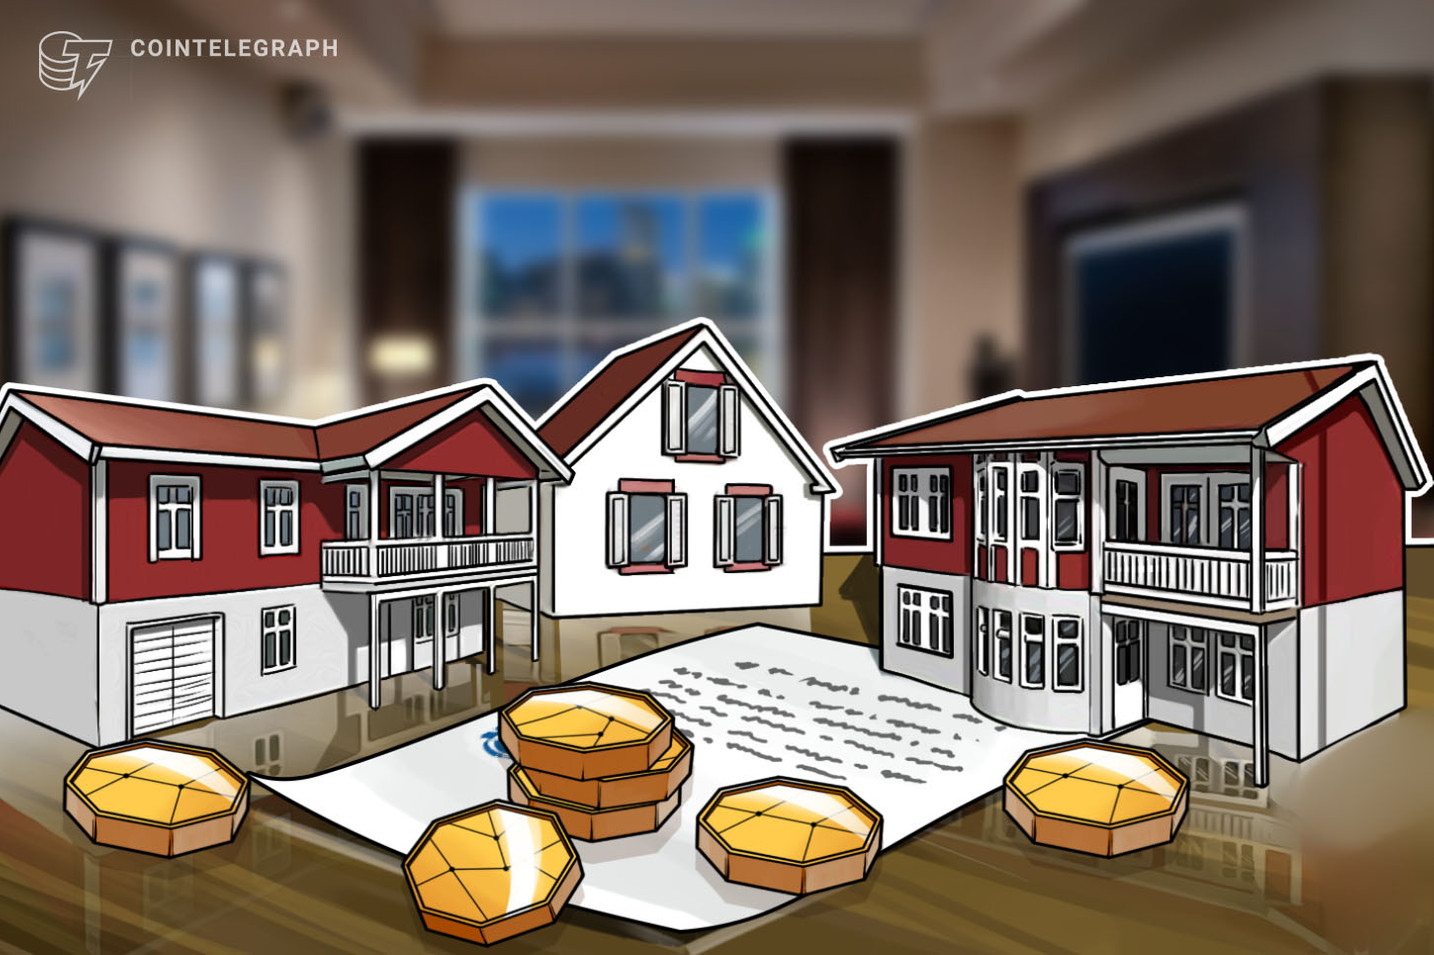 لاعب أكسي إنفينيتي يشتري منزلين في الفلبين من أرباحه داخل اللعبة